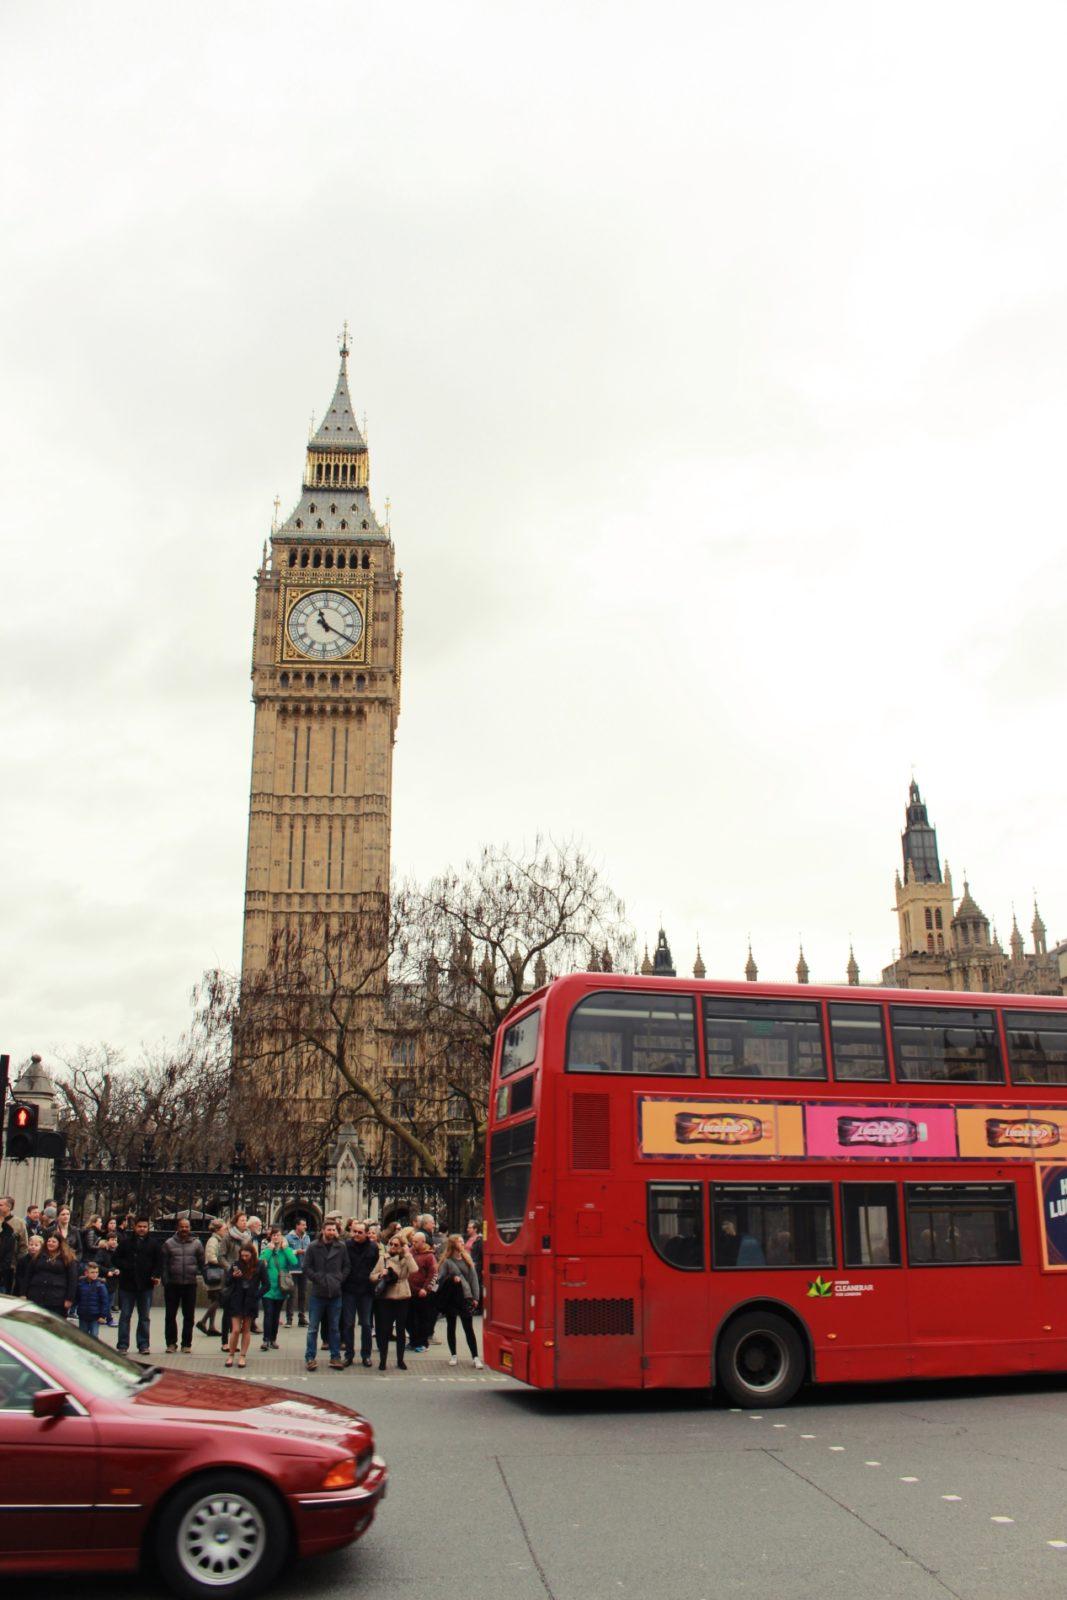 zwiedzanie Londynu w kilka dni